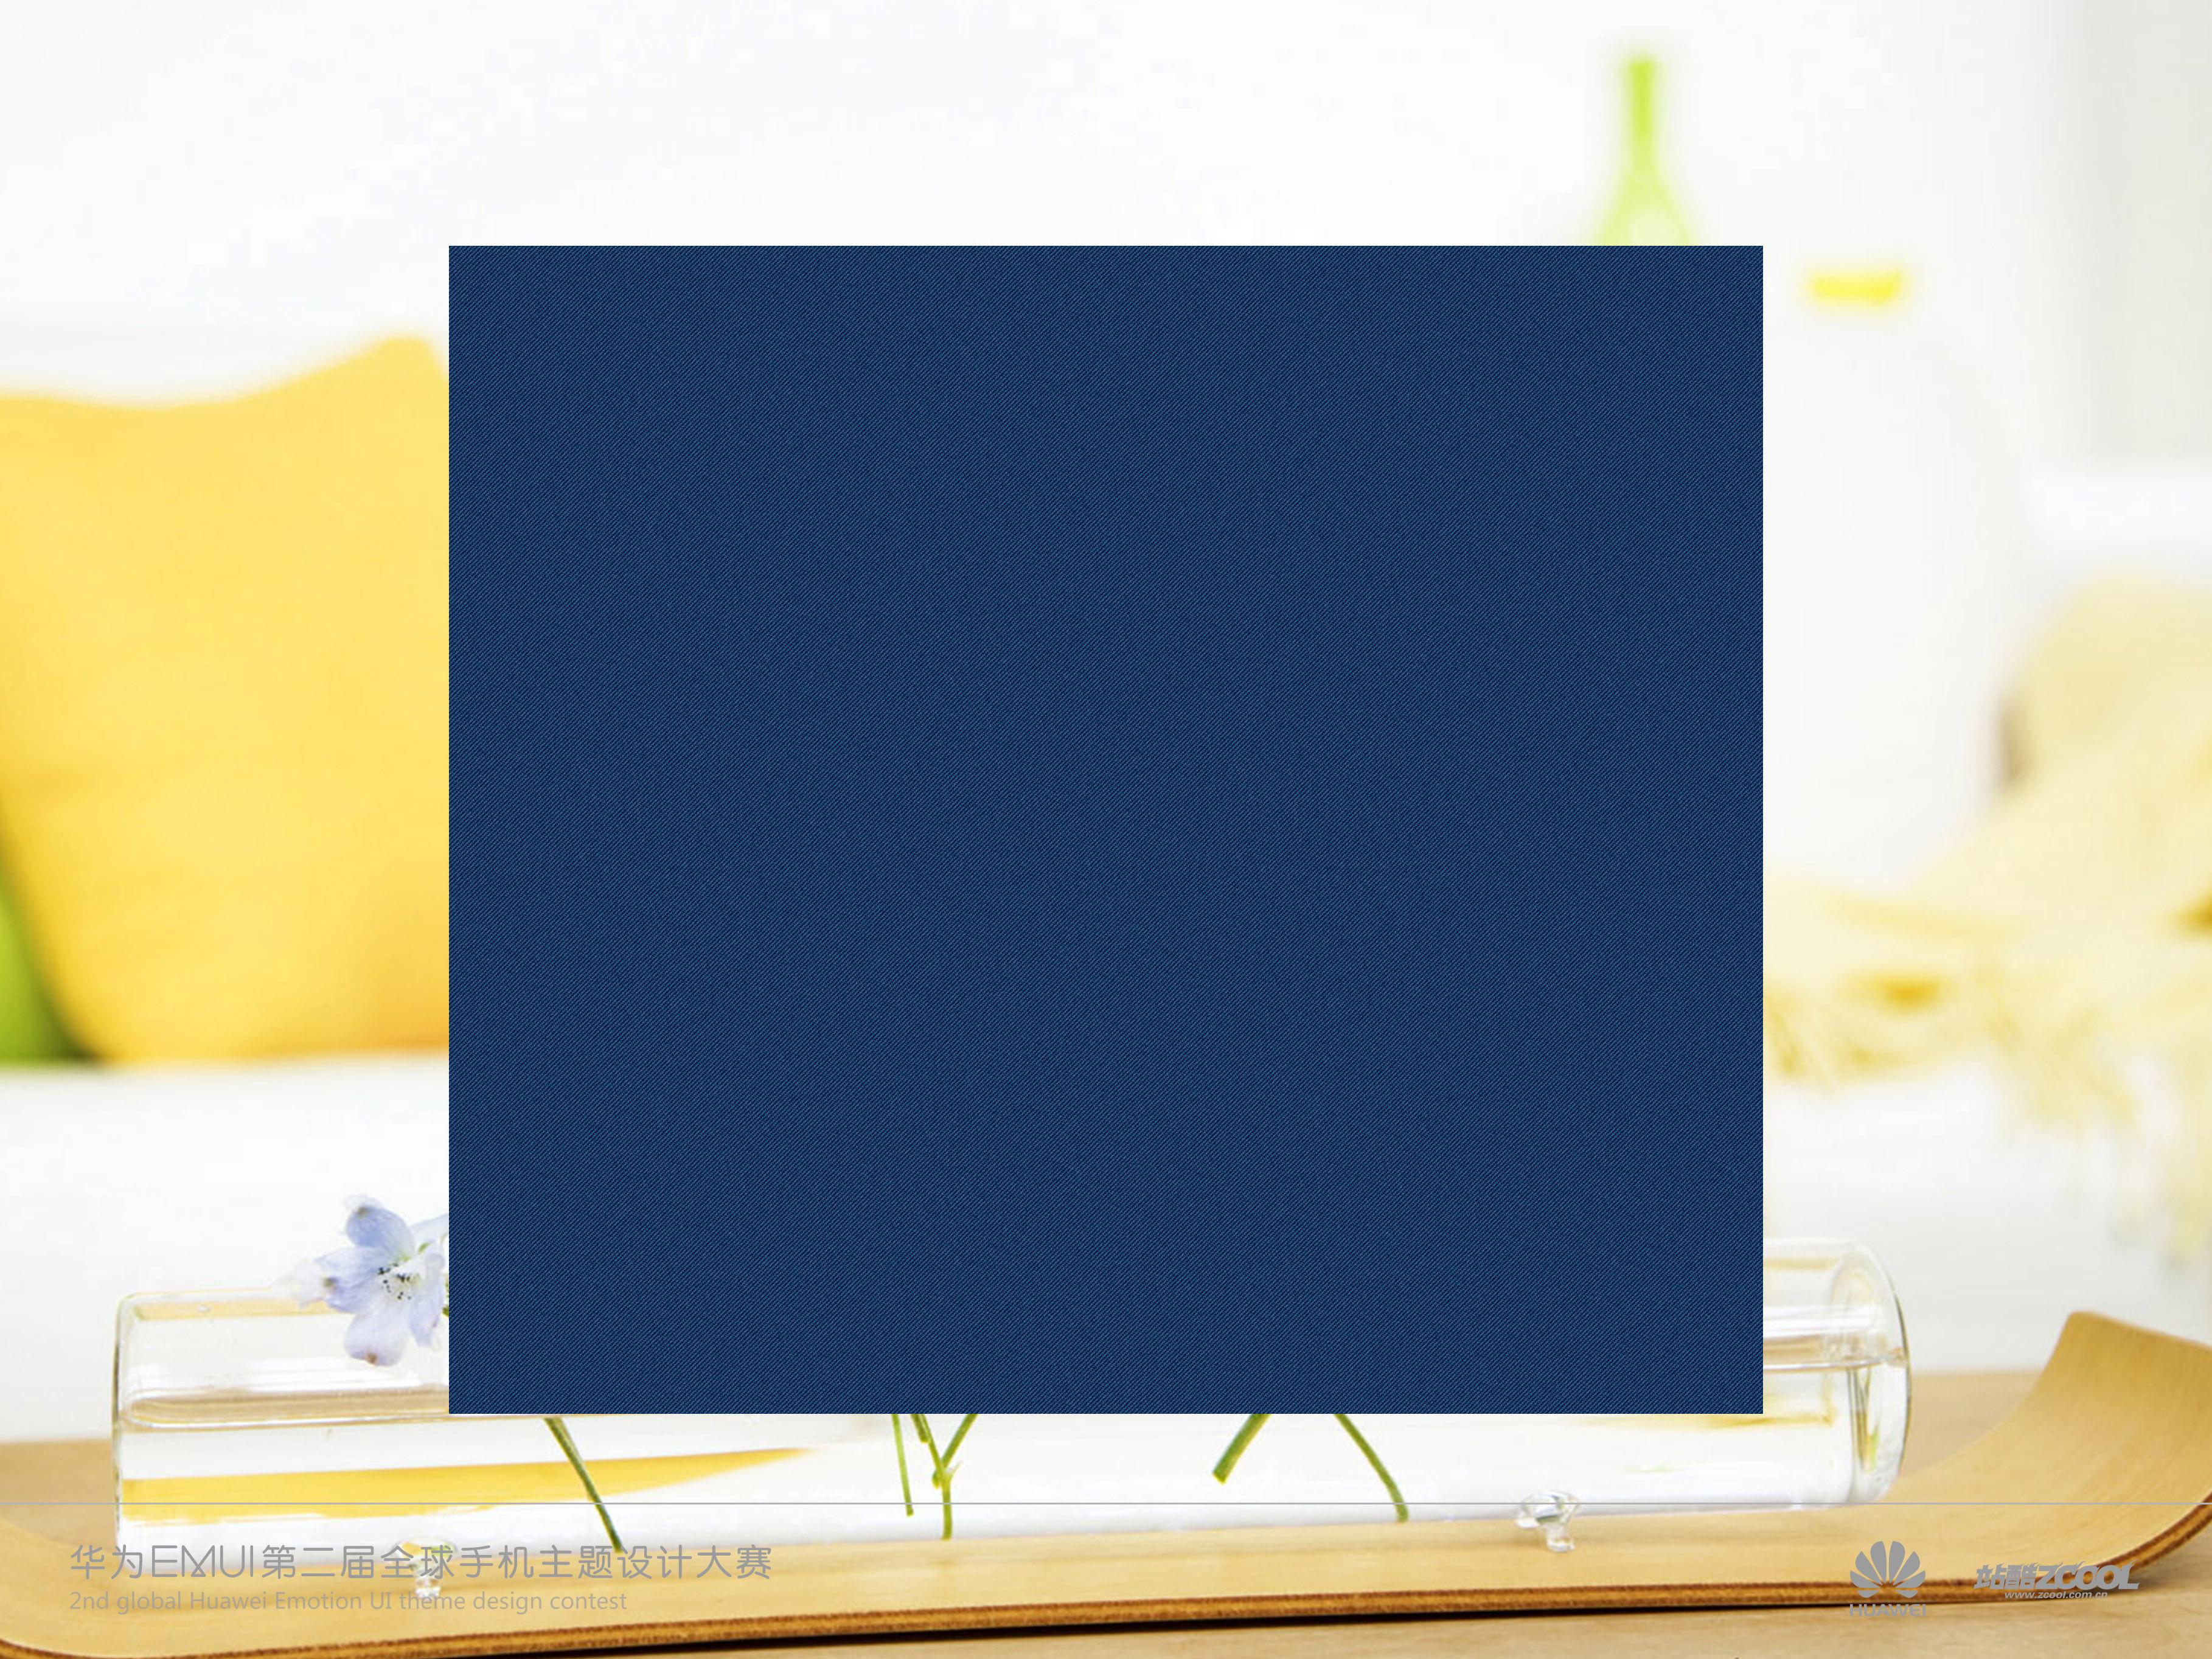 百米布艺剪贴画海报